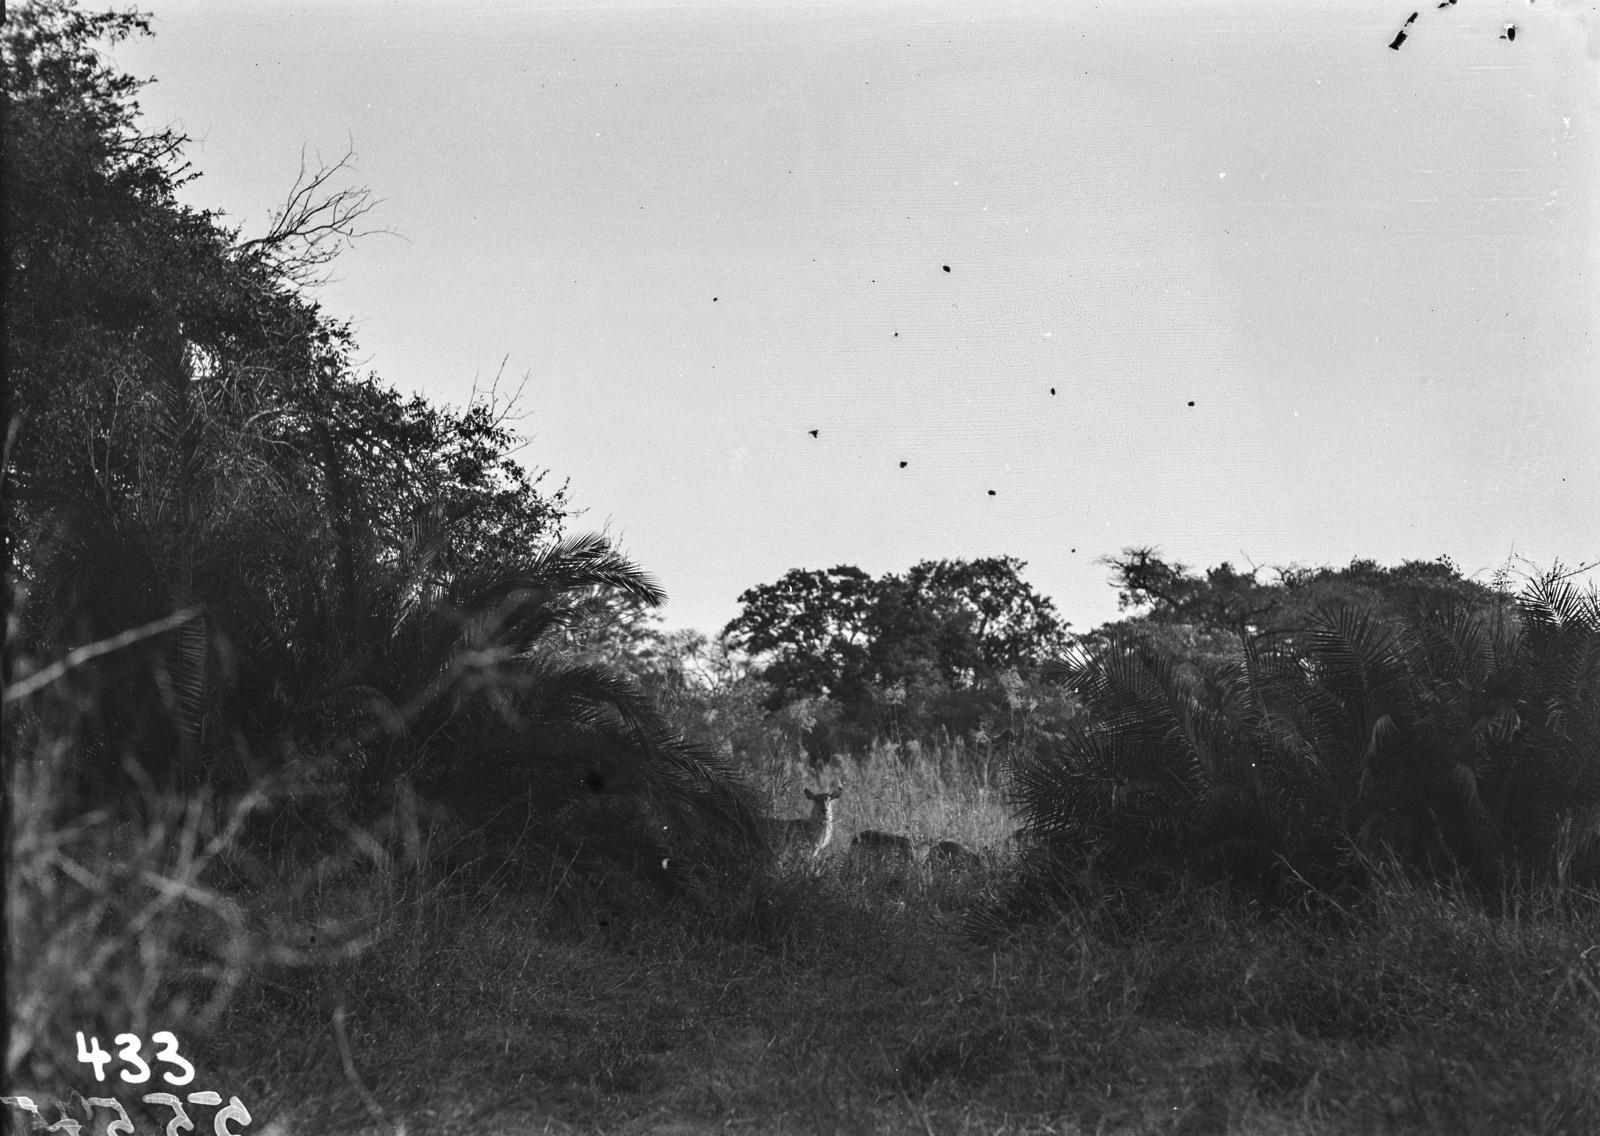 Малелан. Фотография дикой природы в саванне недалеко от города